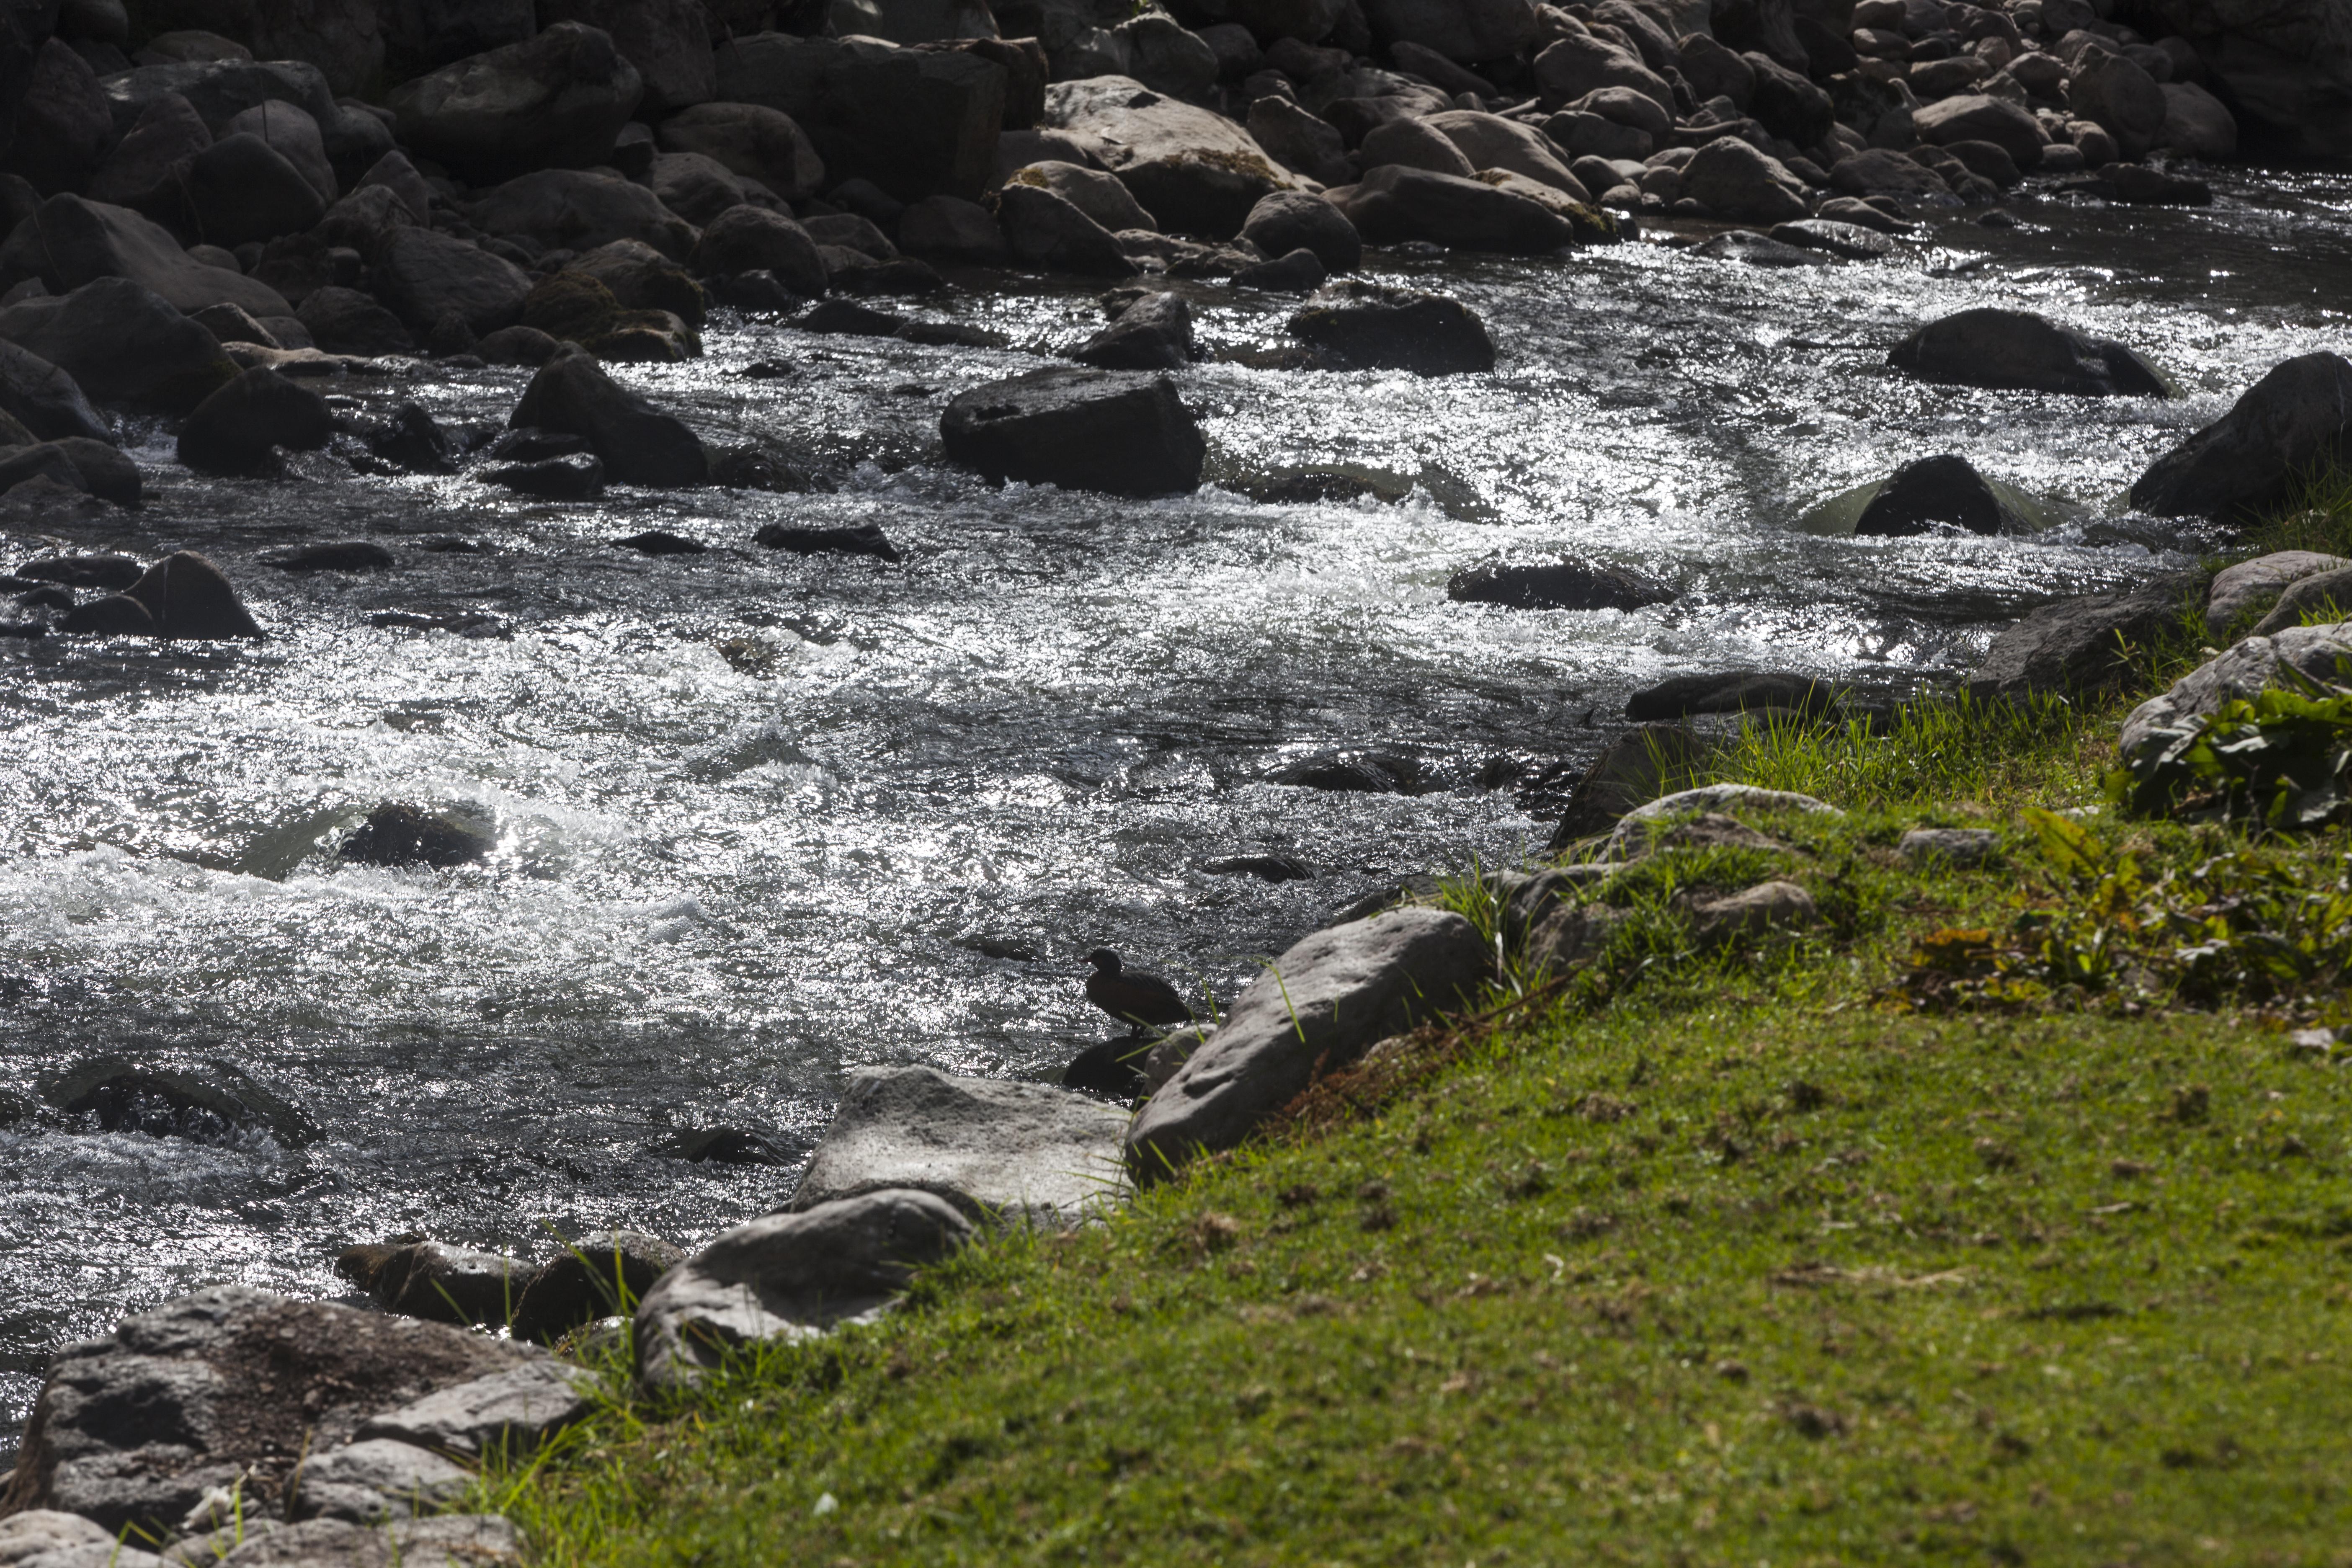 Los beneficios ambientales, económicos y sociales de la protección de las fuentes de agua